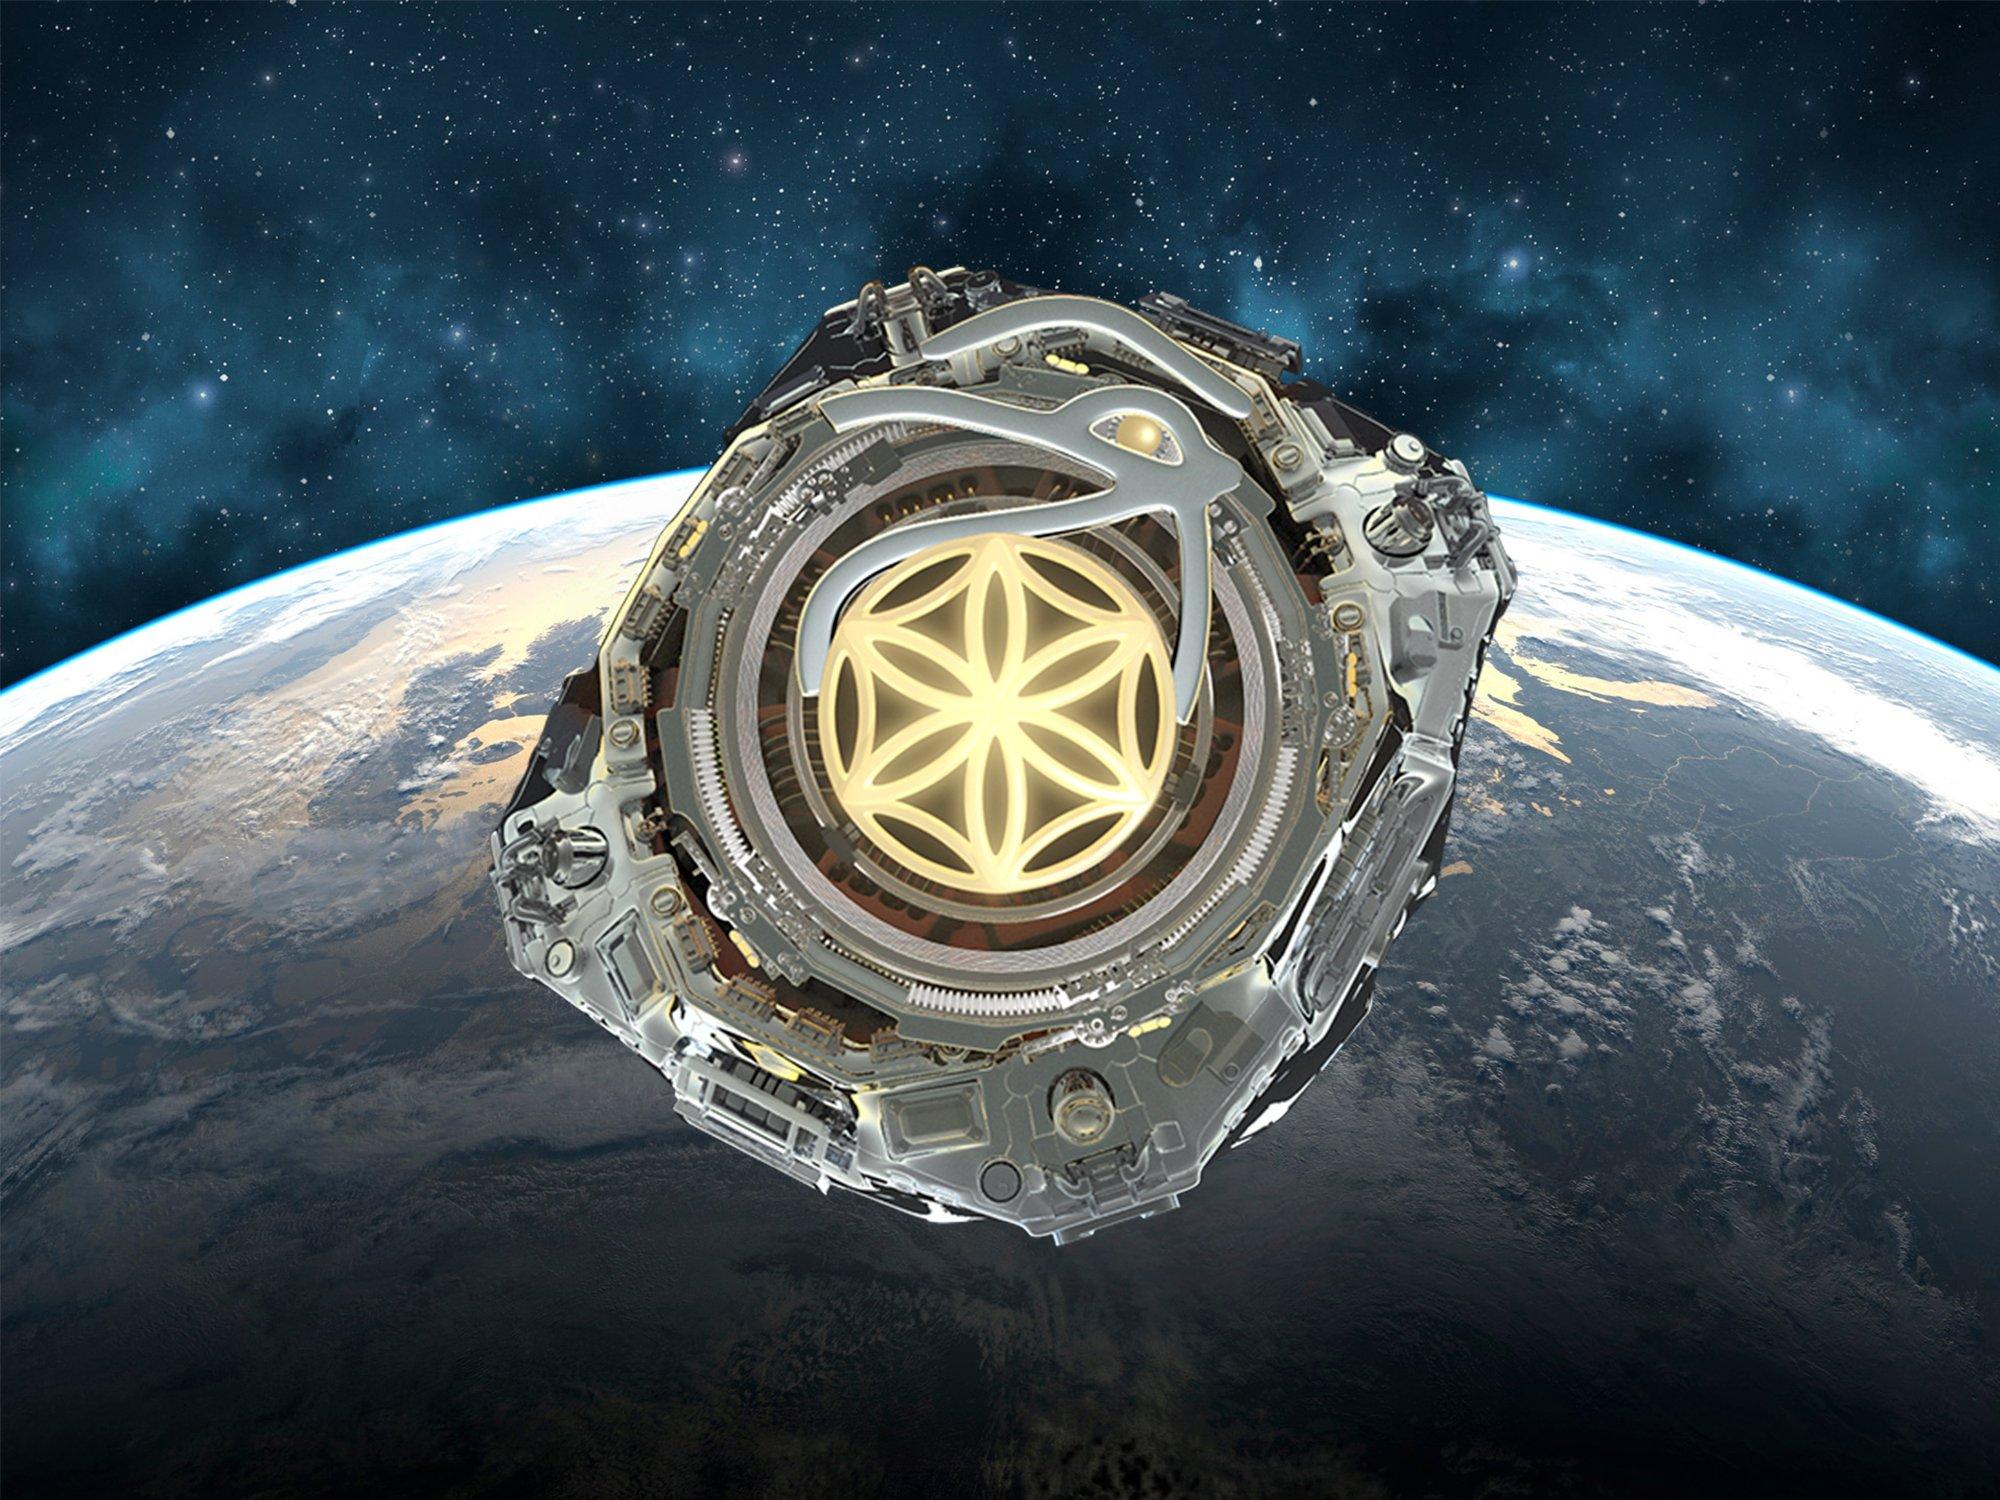 perierga.gr - Ιδρύεται το πρώτο κράτος στο διάστημα: Πώς θα γίνεις πολίτης της Ασγκάρντια;